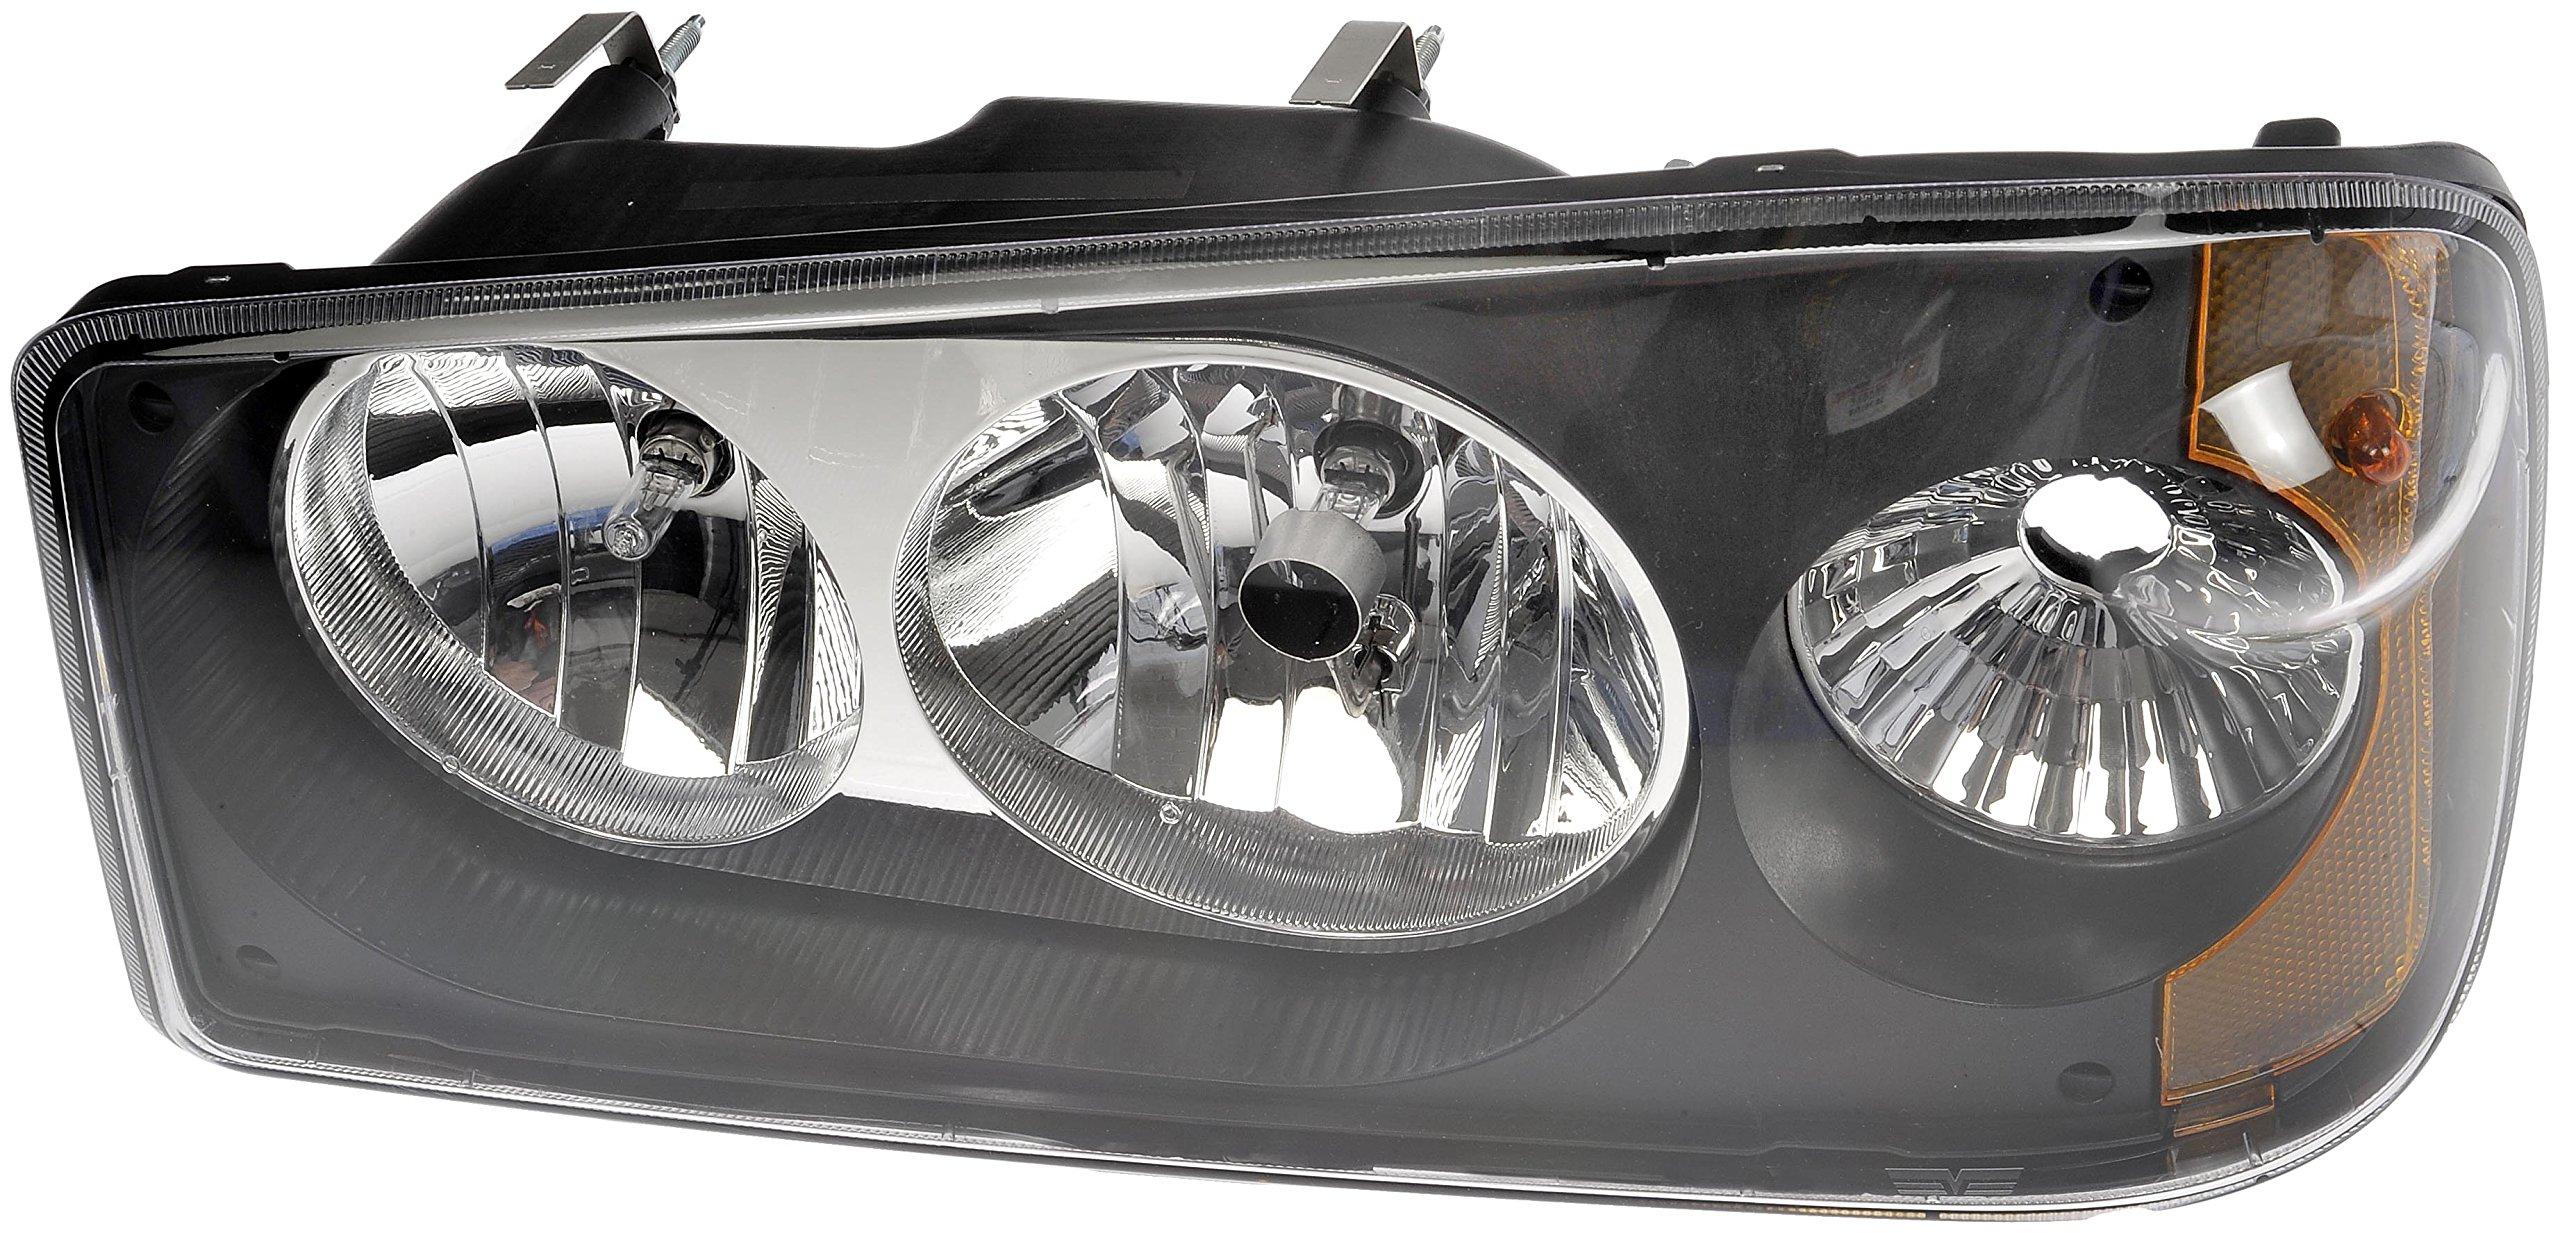 Dorman 888-5127 Passenger Side Headlight Assembly For Select Mack Models